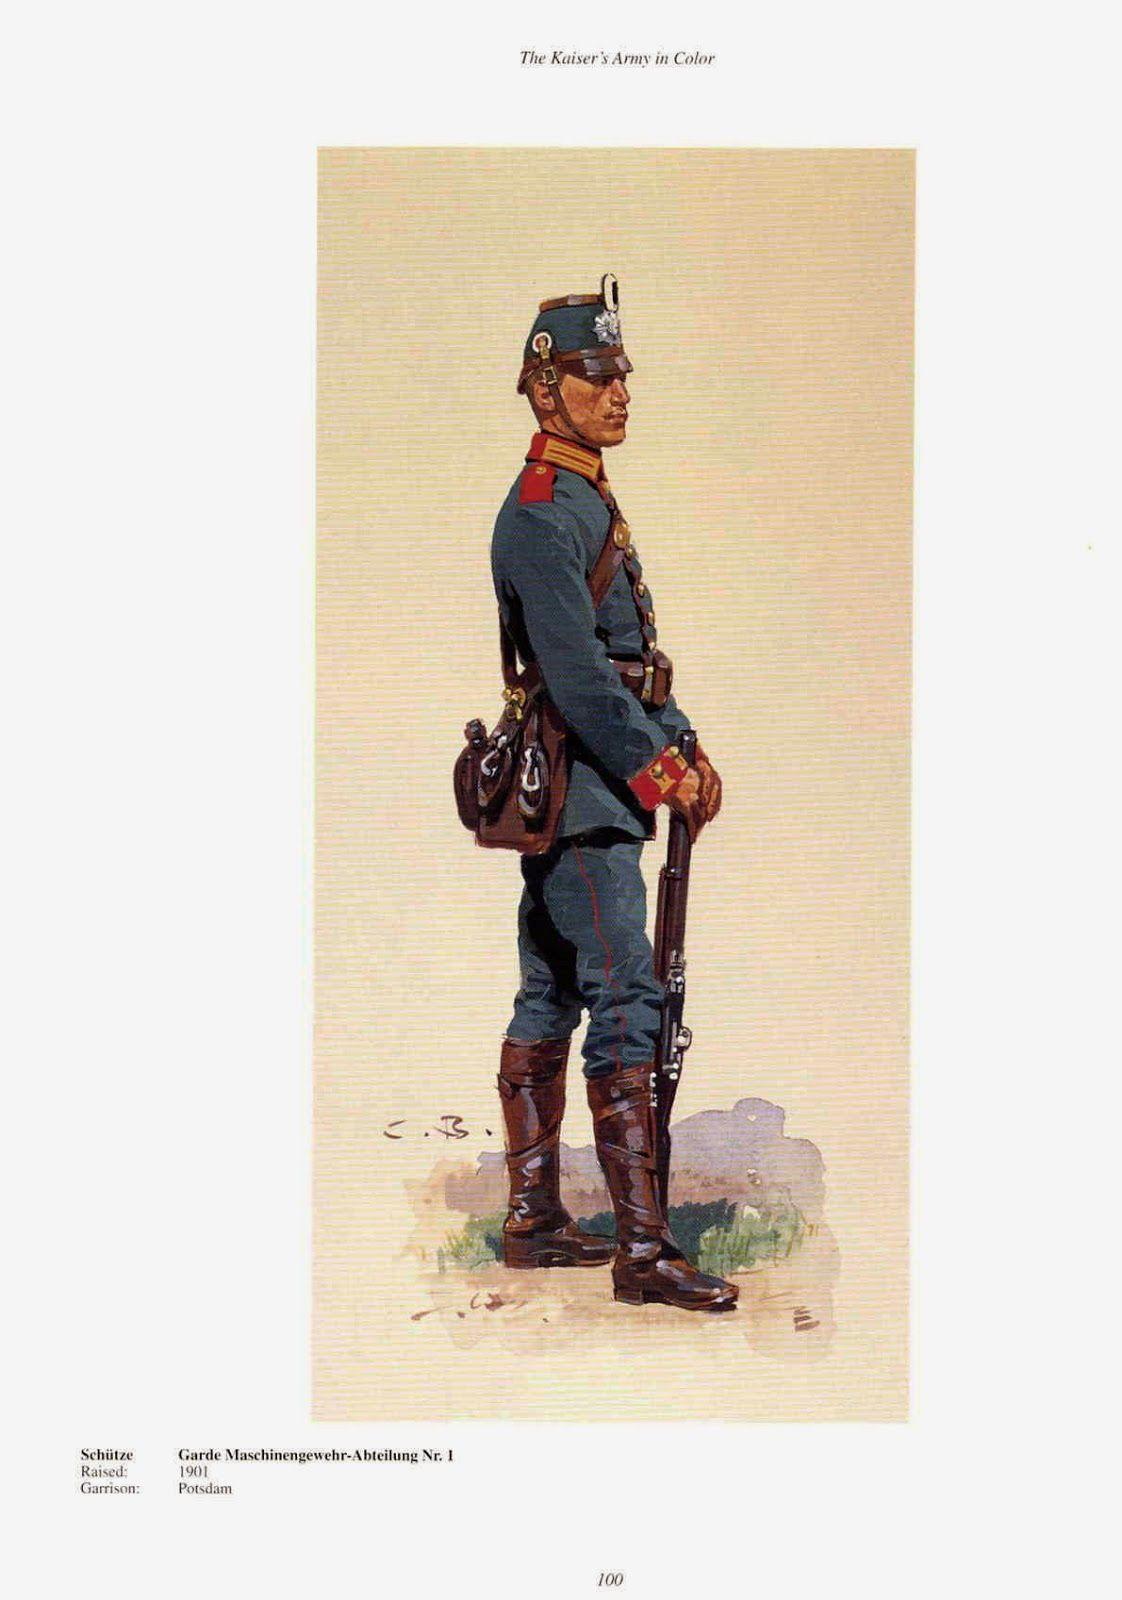 German 1st Guard Machinegun Abteilung Soldier